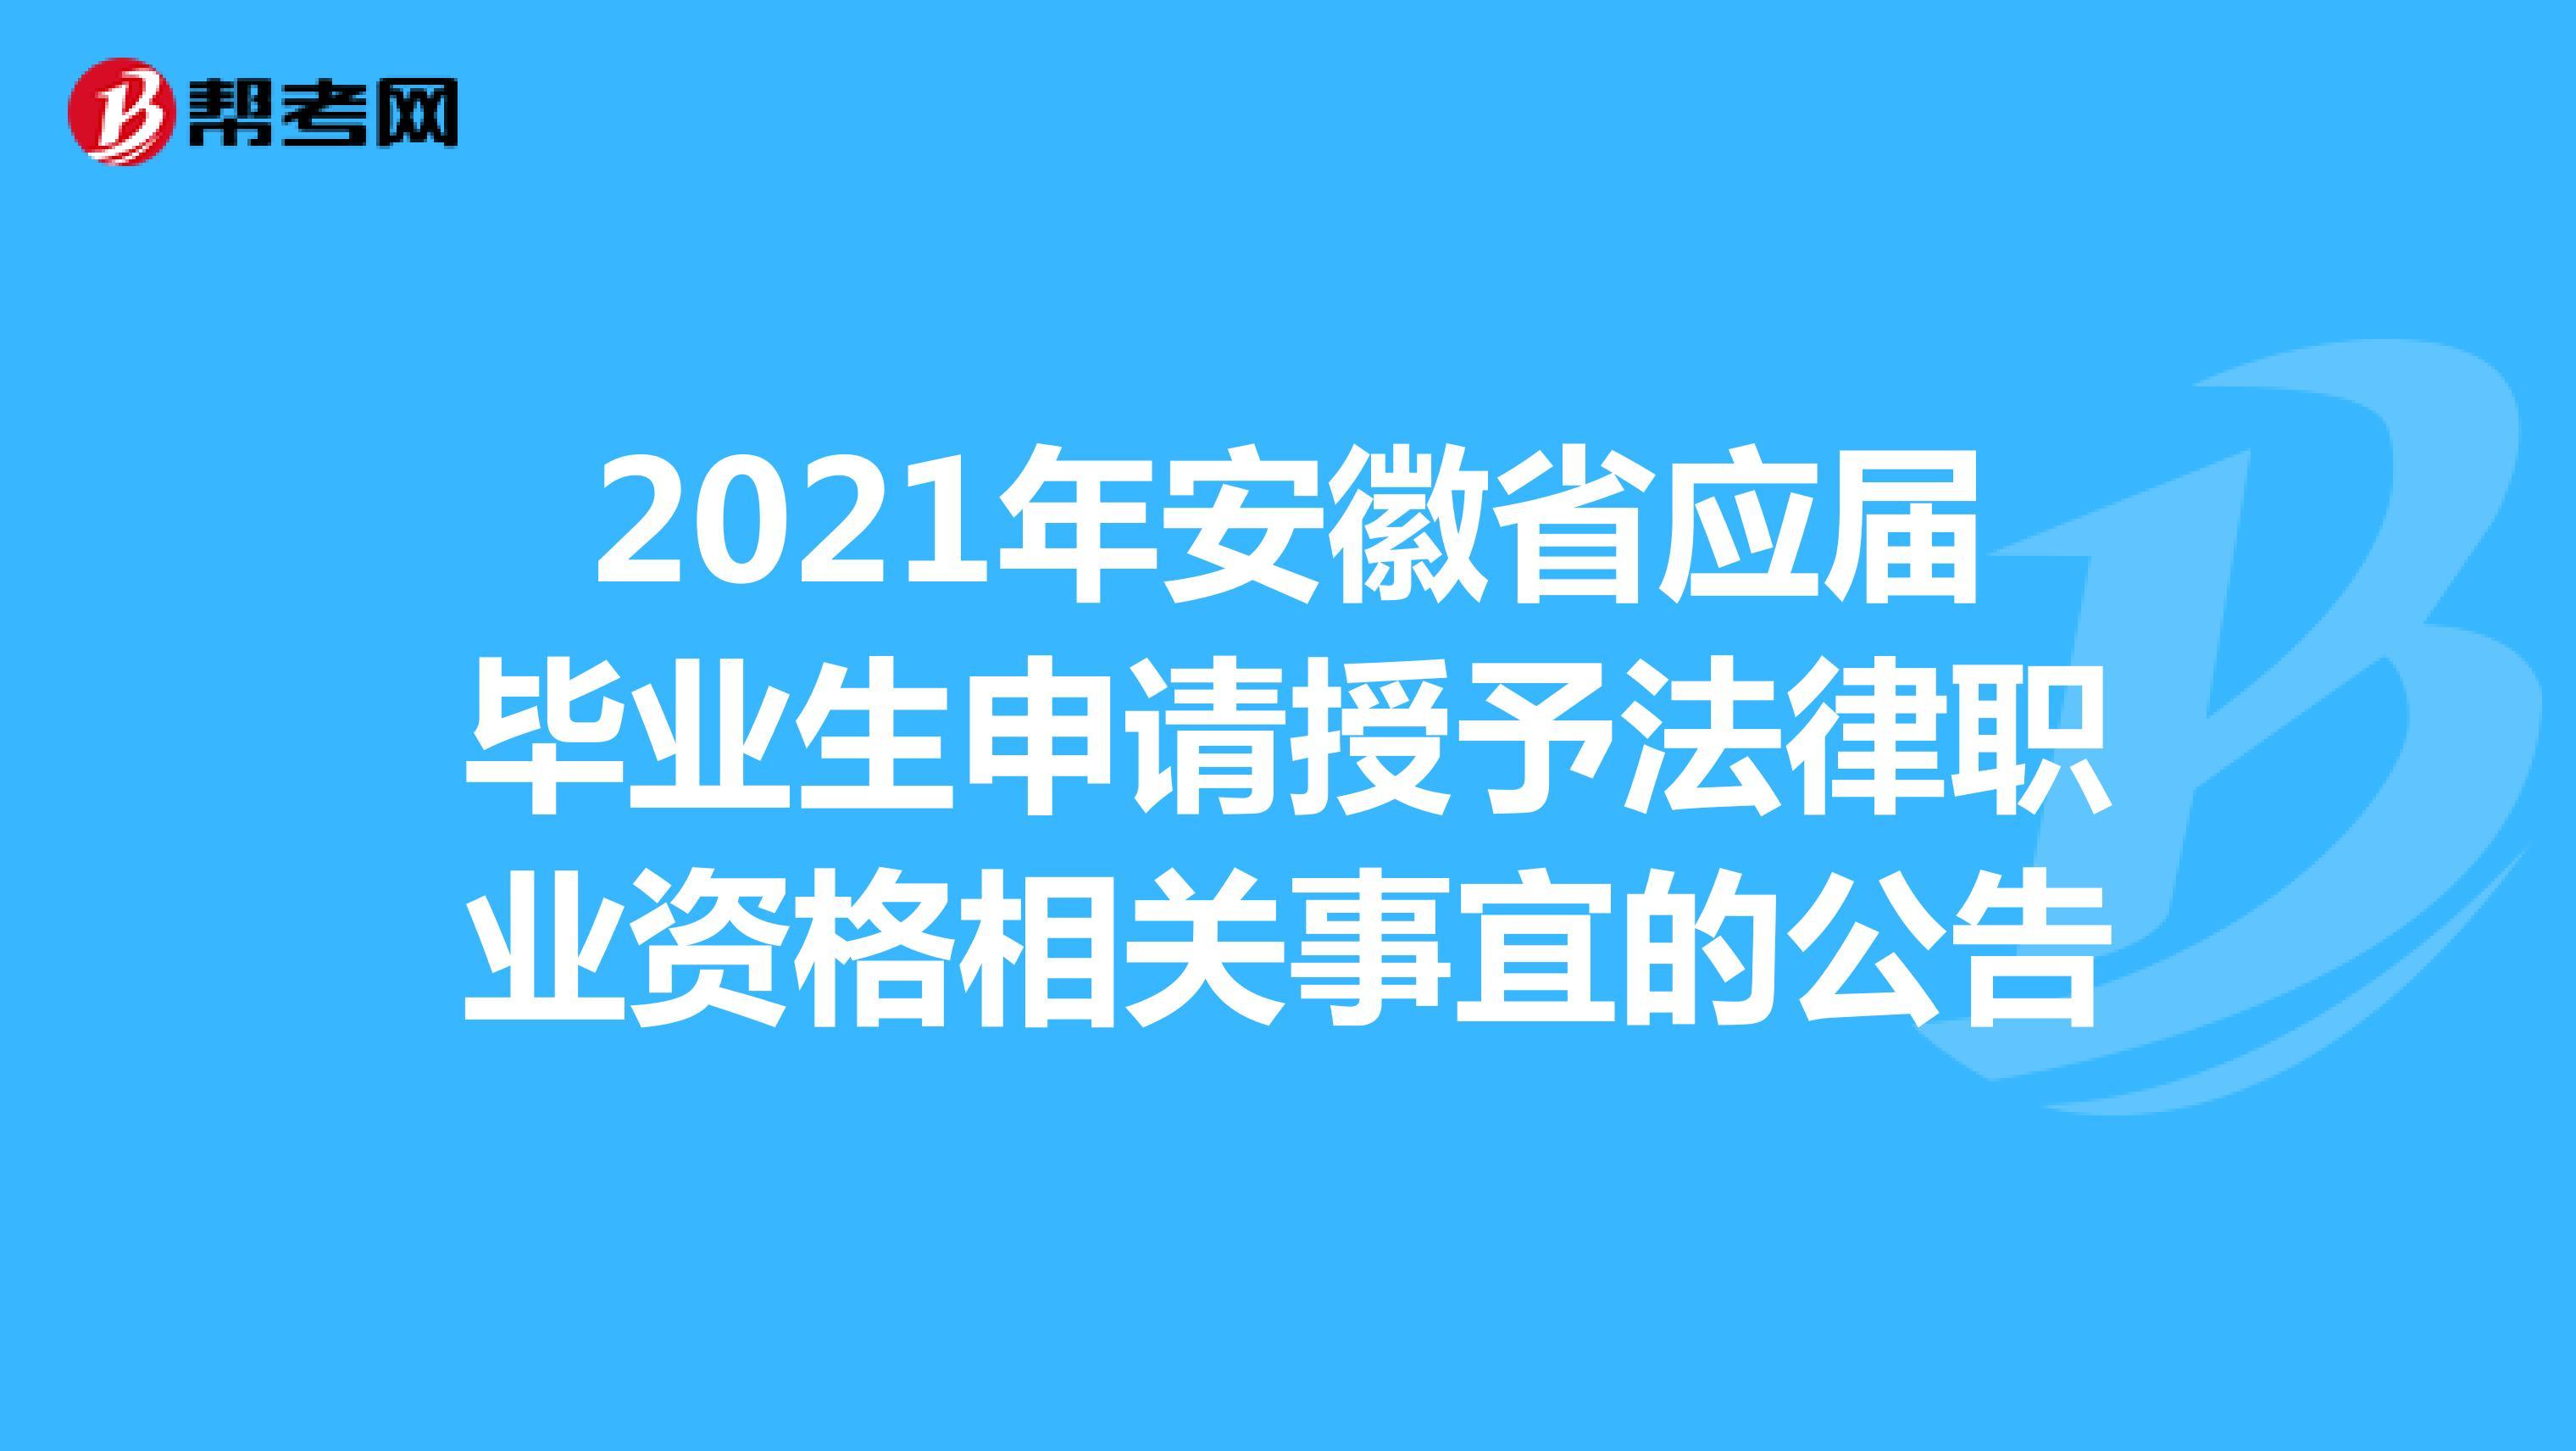 2021年安徽省应届毕业生申请授予法律职业资格相关事宜的公告